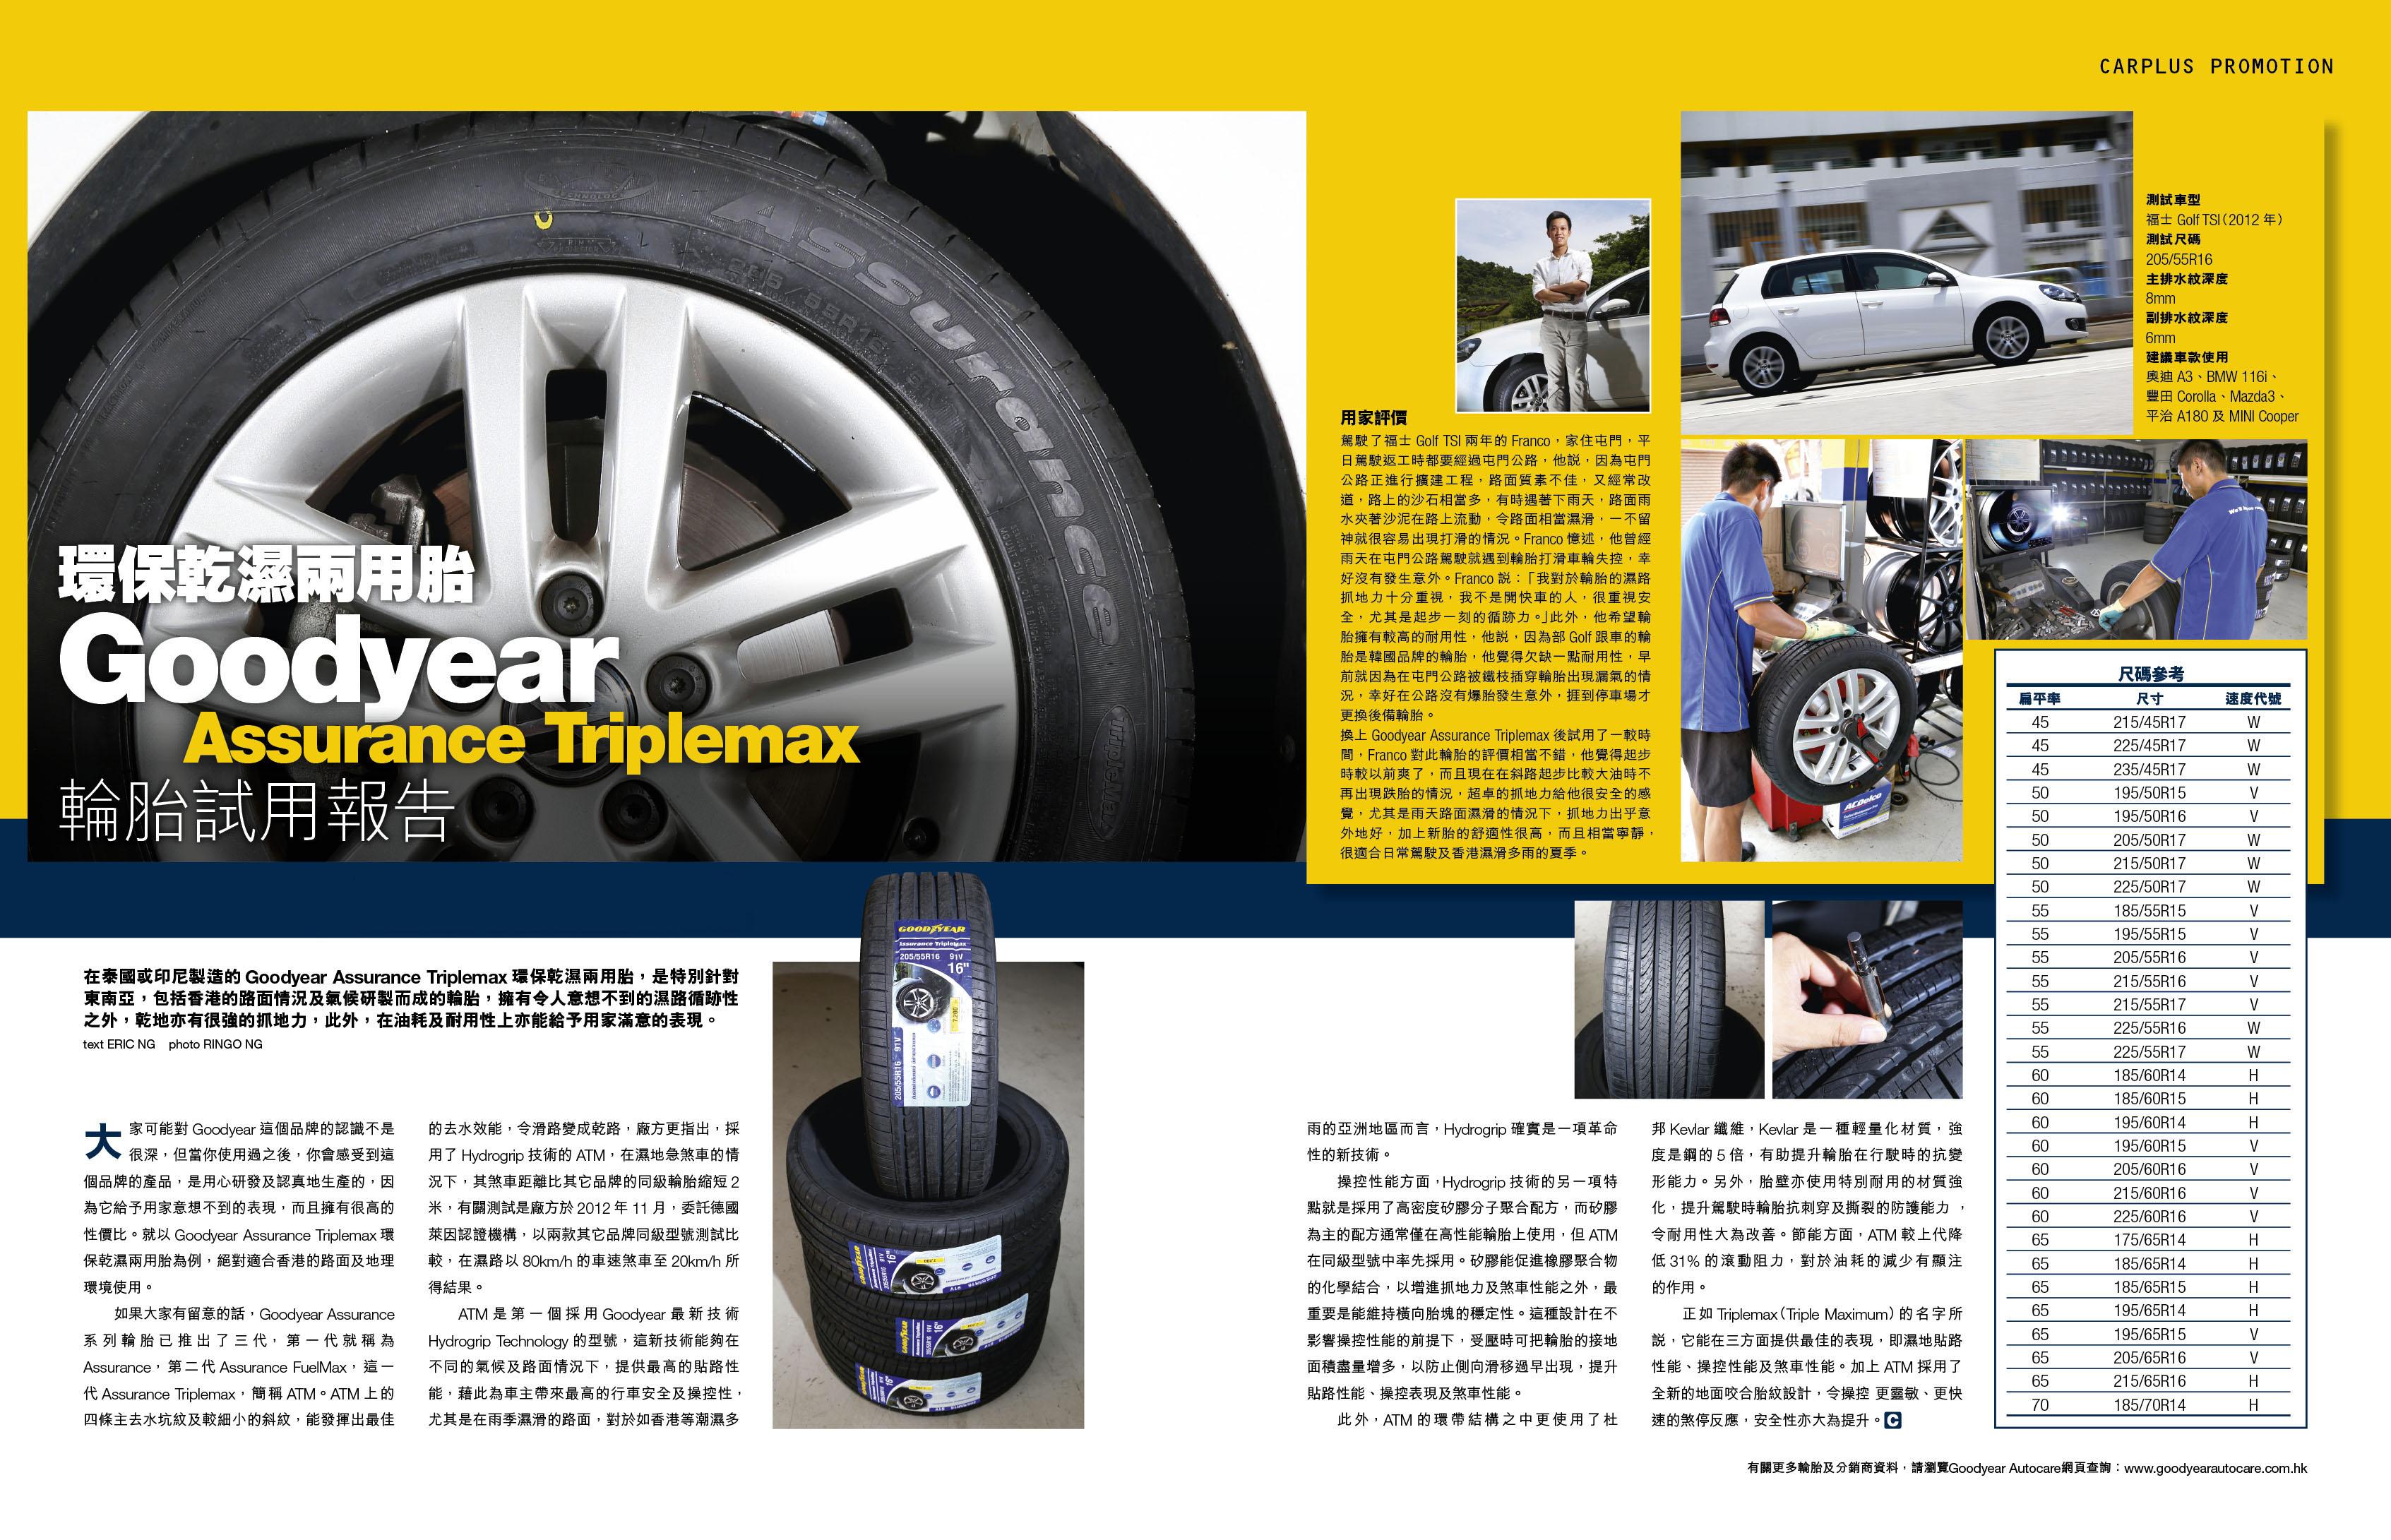 車王雜誌CarPlus 2014年08月13日 - 環保乾濕兩用胎 Goodyear Assurance Triplemax